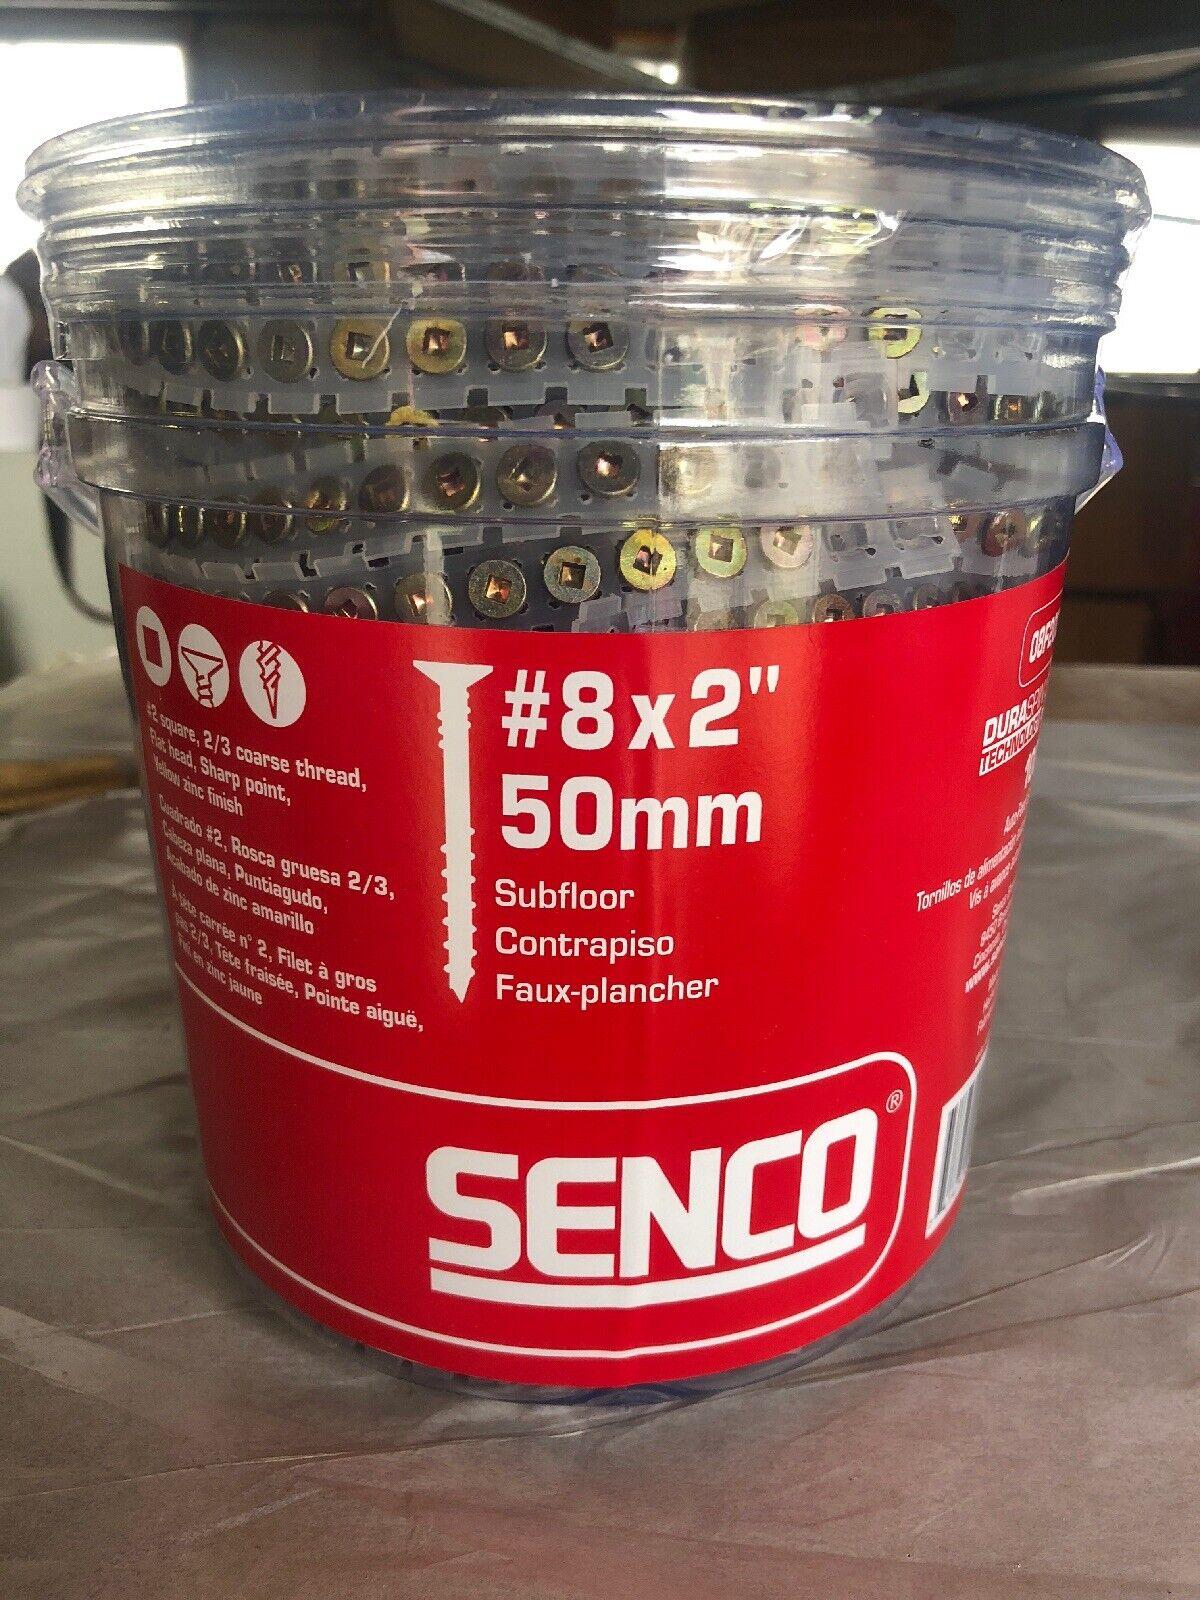 Senco DuraSpin 8x2 Floor Sheathing Screws 08F200Y